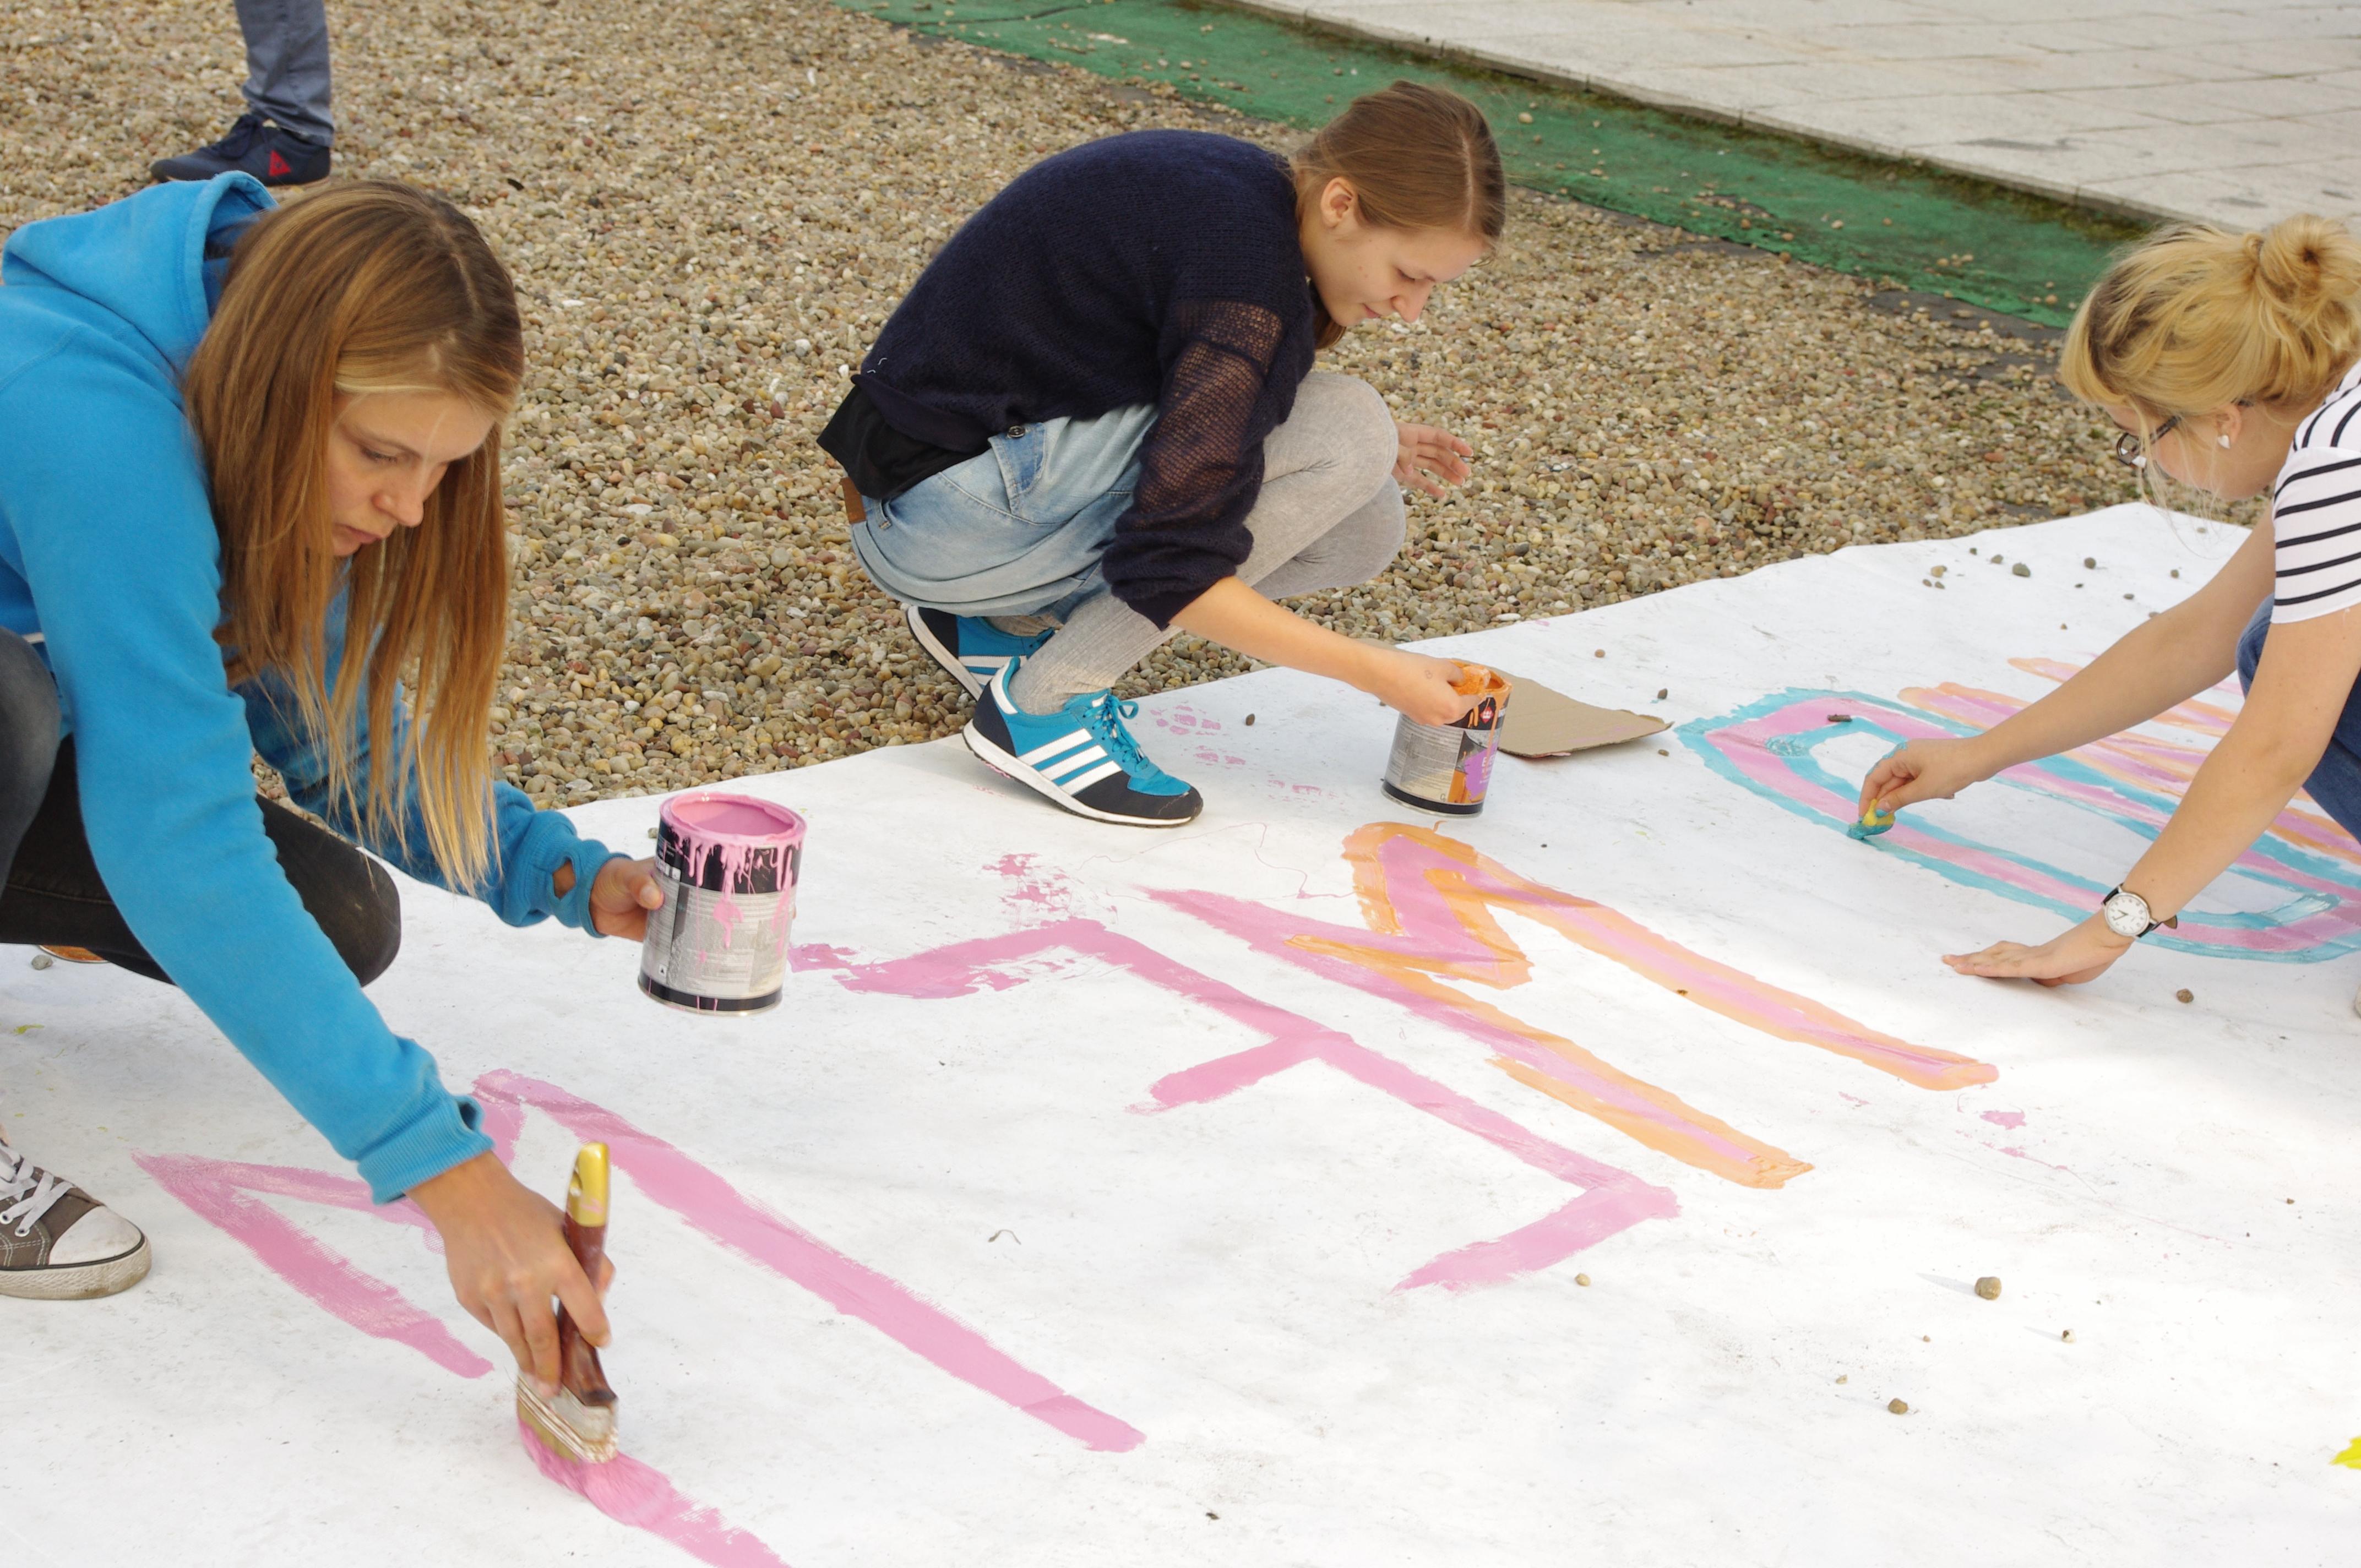 D. Dabrowski Sztuka krytyczna wdziałaniu, akcja przeciwstawiająca się marszowi przeciw uchodźcom